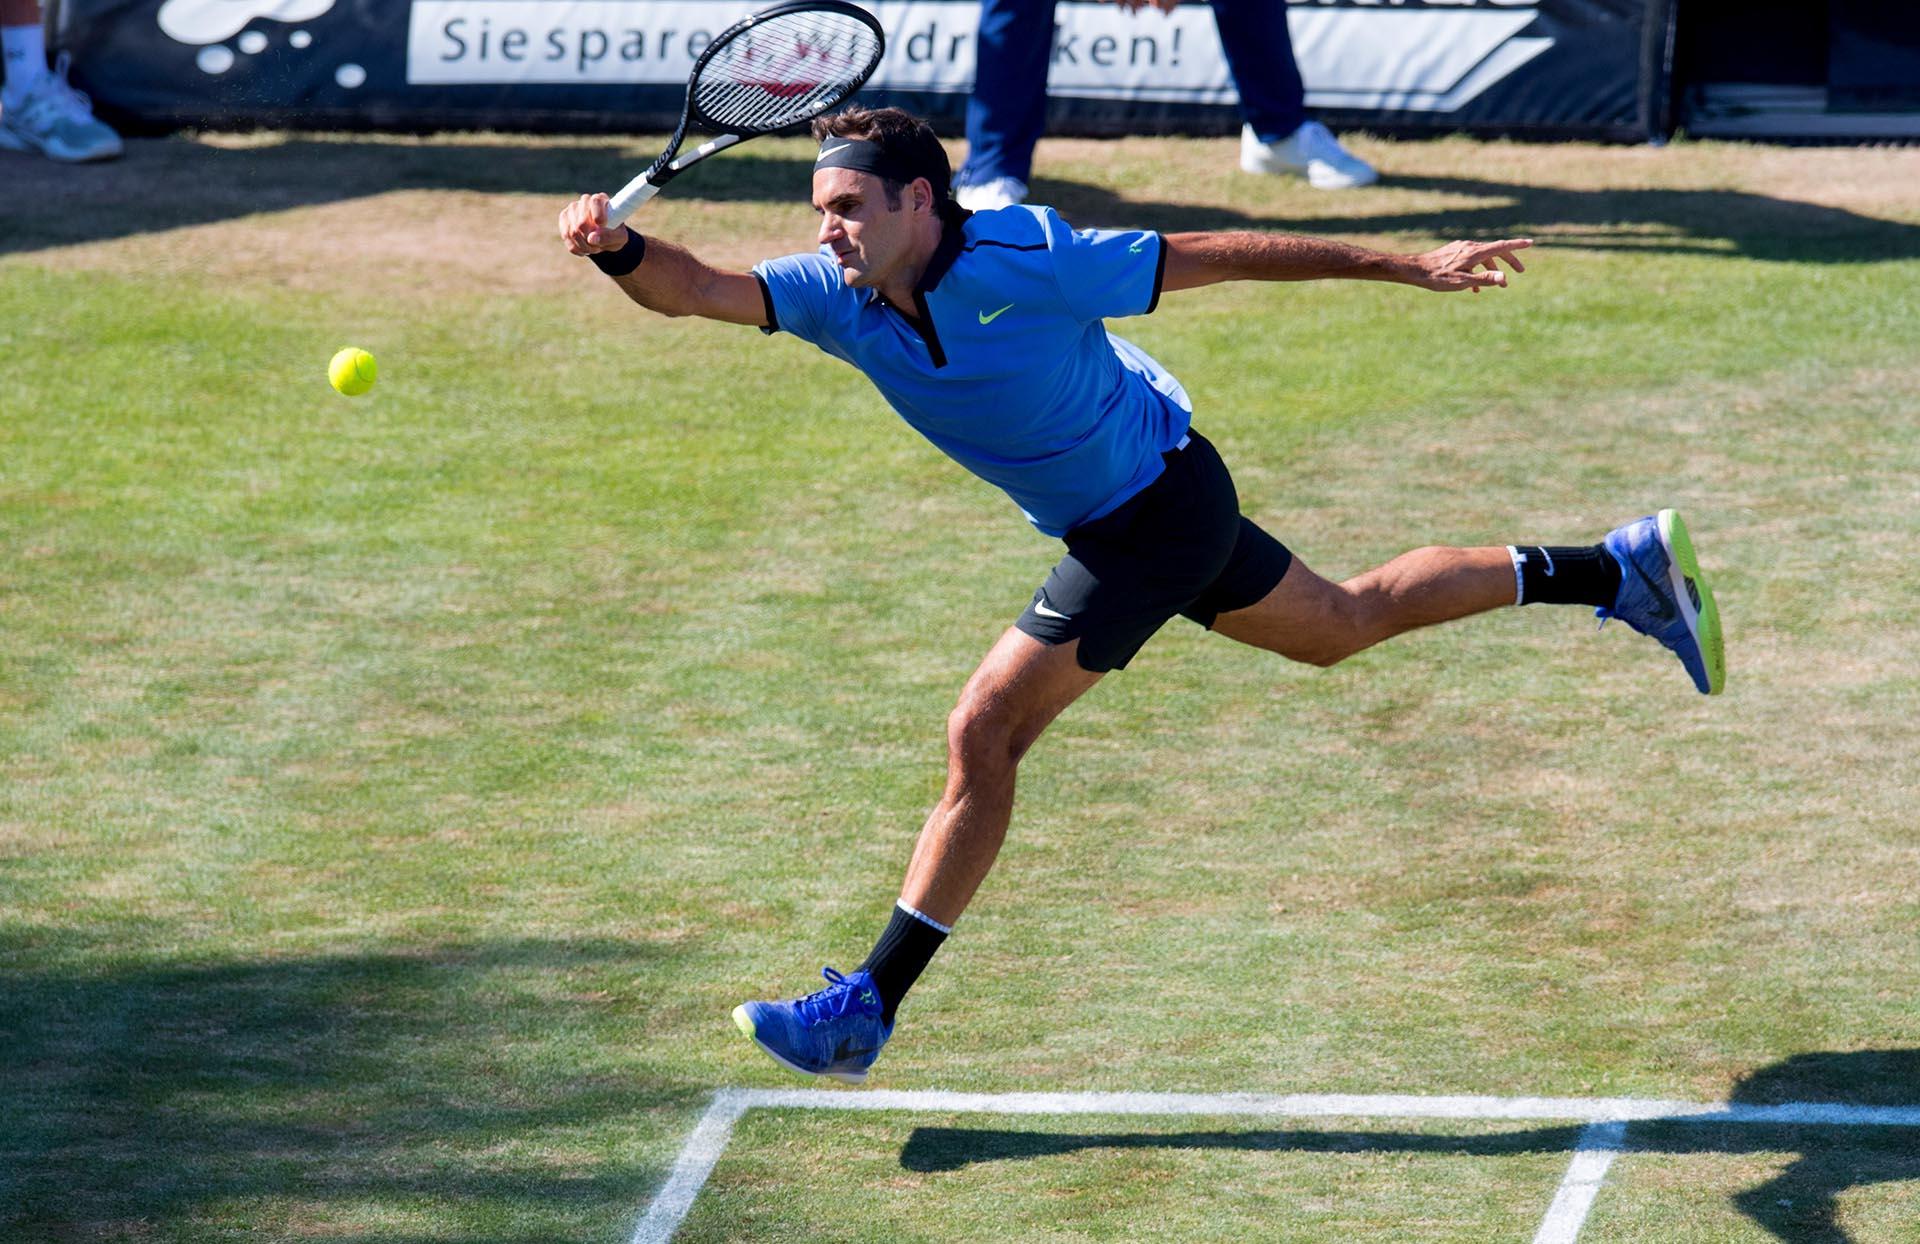 El suizo Roger Federer devuelve la pelota al alemán Tommy Haas en el torneo de tenis de la Copa ATP en Stuttgart, al suroeste de Alemania